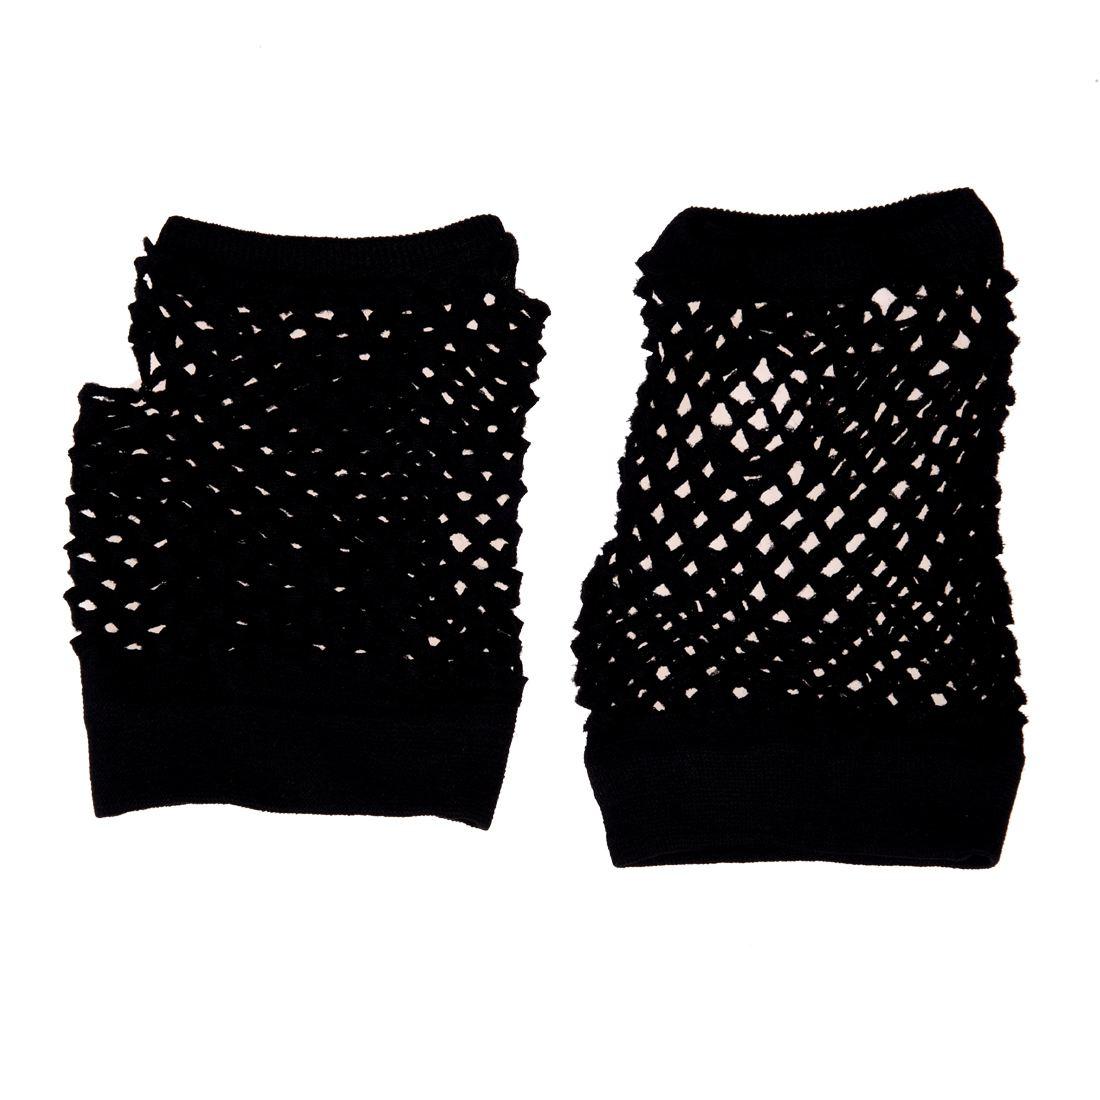 Good deal 2pcs Fish Net Elastic Short Gloves Fingerless Mittens Black for Ladies